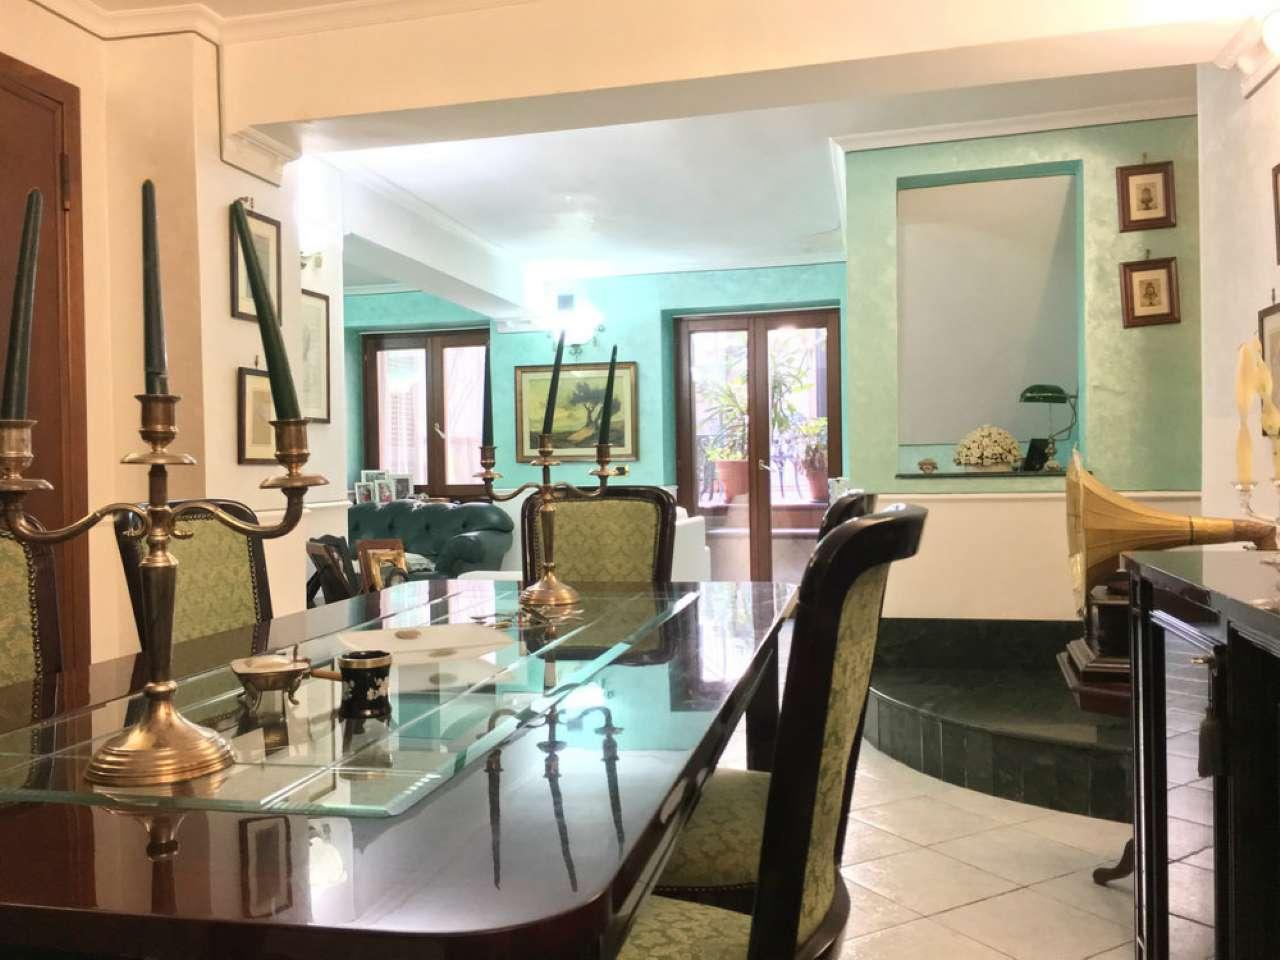 Villa in vendita a Portici, 5 locali, prezzo € 398.000 | Cambio Casa.it